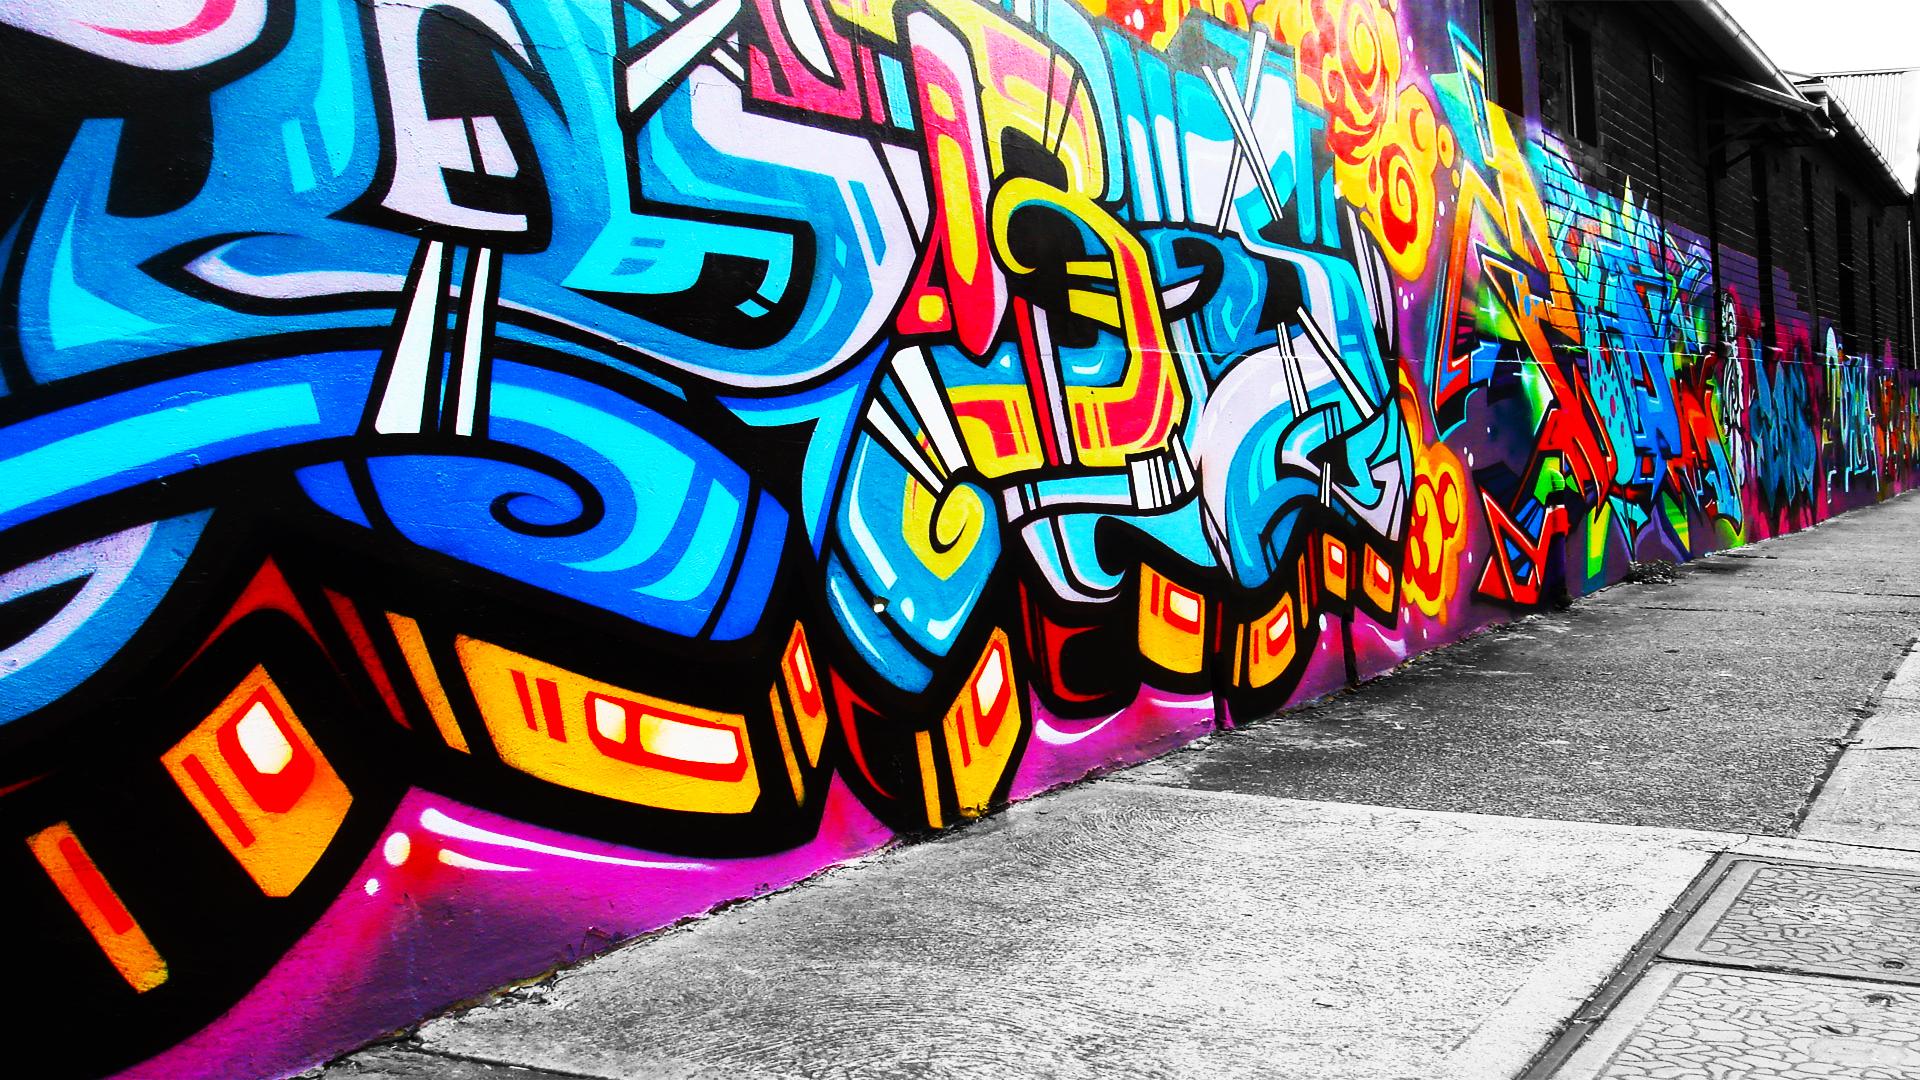 Die besten 10 Graffiti Bilder - Graffiti Schrift und Bilder